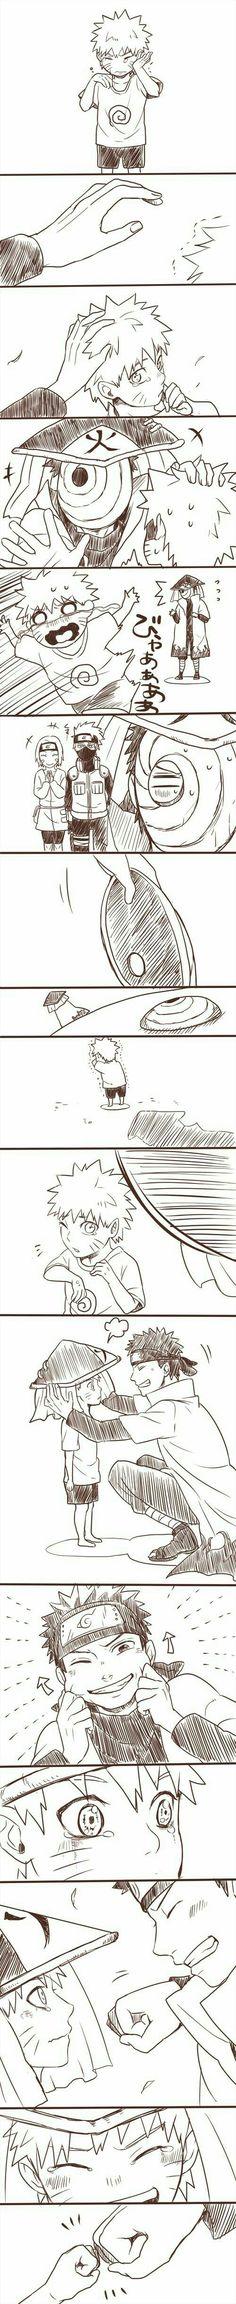 naruto uzumaki and obito uchiha . I love how Obito is trying to make naruto happy Anime Naruto, Naruto Uzumaki, Naruto Comic, Sasunaru, Naruto Cute, Naruto And Sasuke, Naruhina, Itachi, Sasuke Sakura